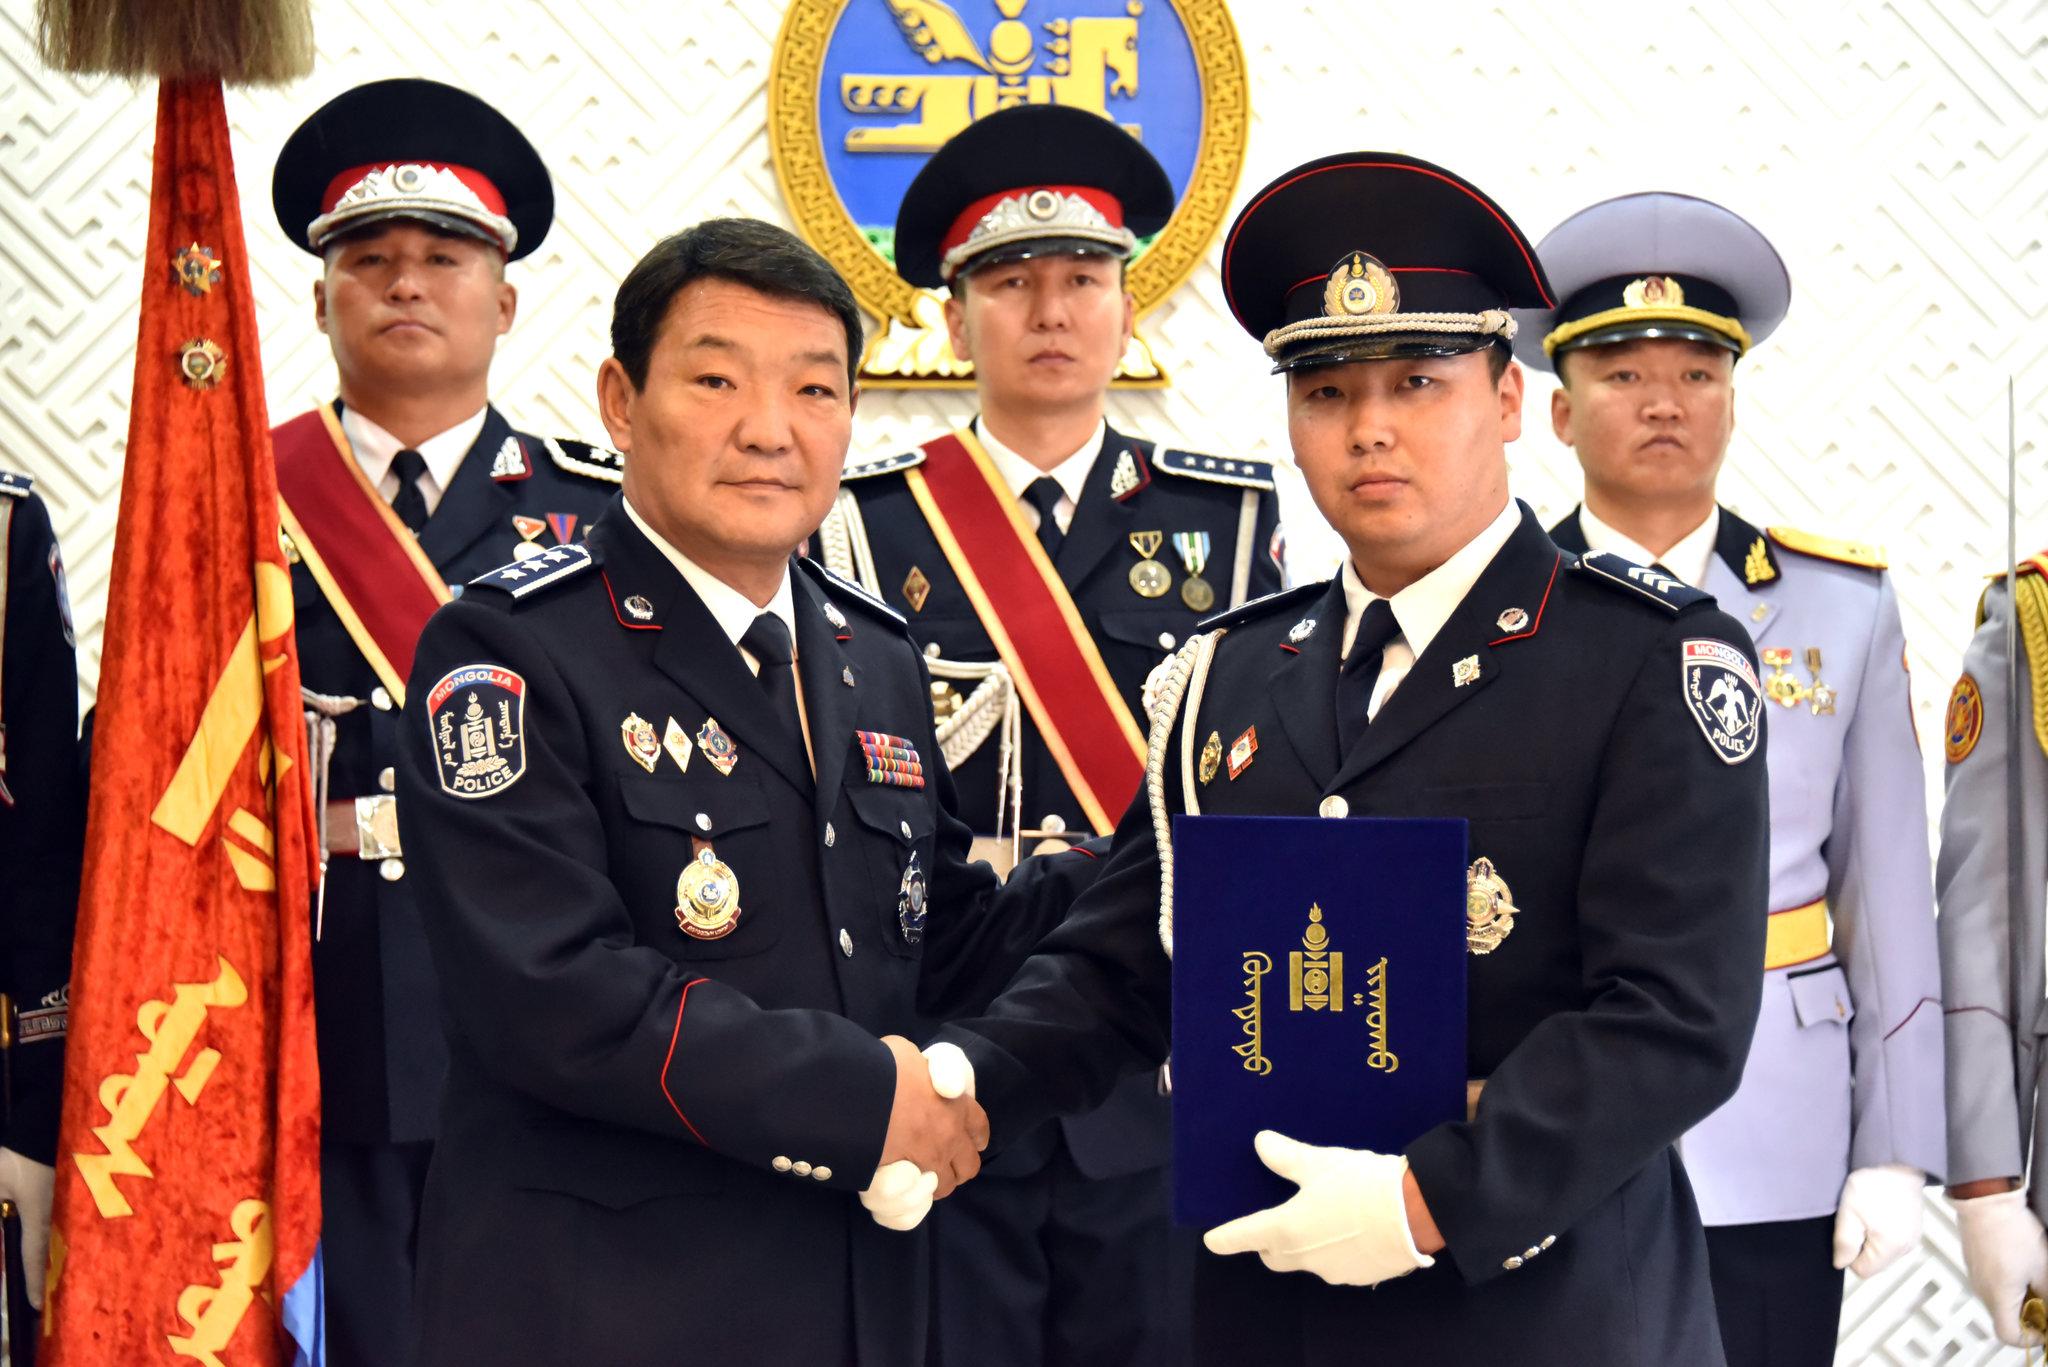 Цагдаа, дотоодын цэргийн алба хаагчдад цол, шагнал гардуулах ёслолын ажиллагаа зохион байгуулагдлаа